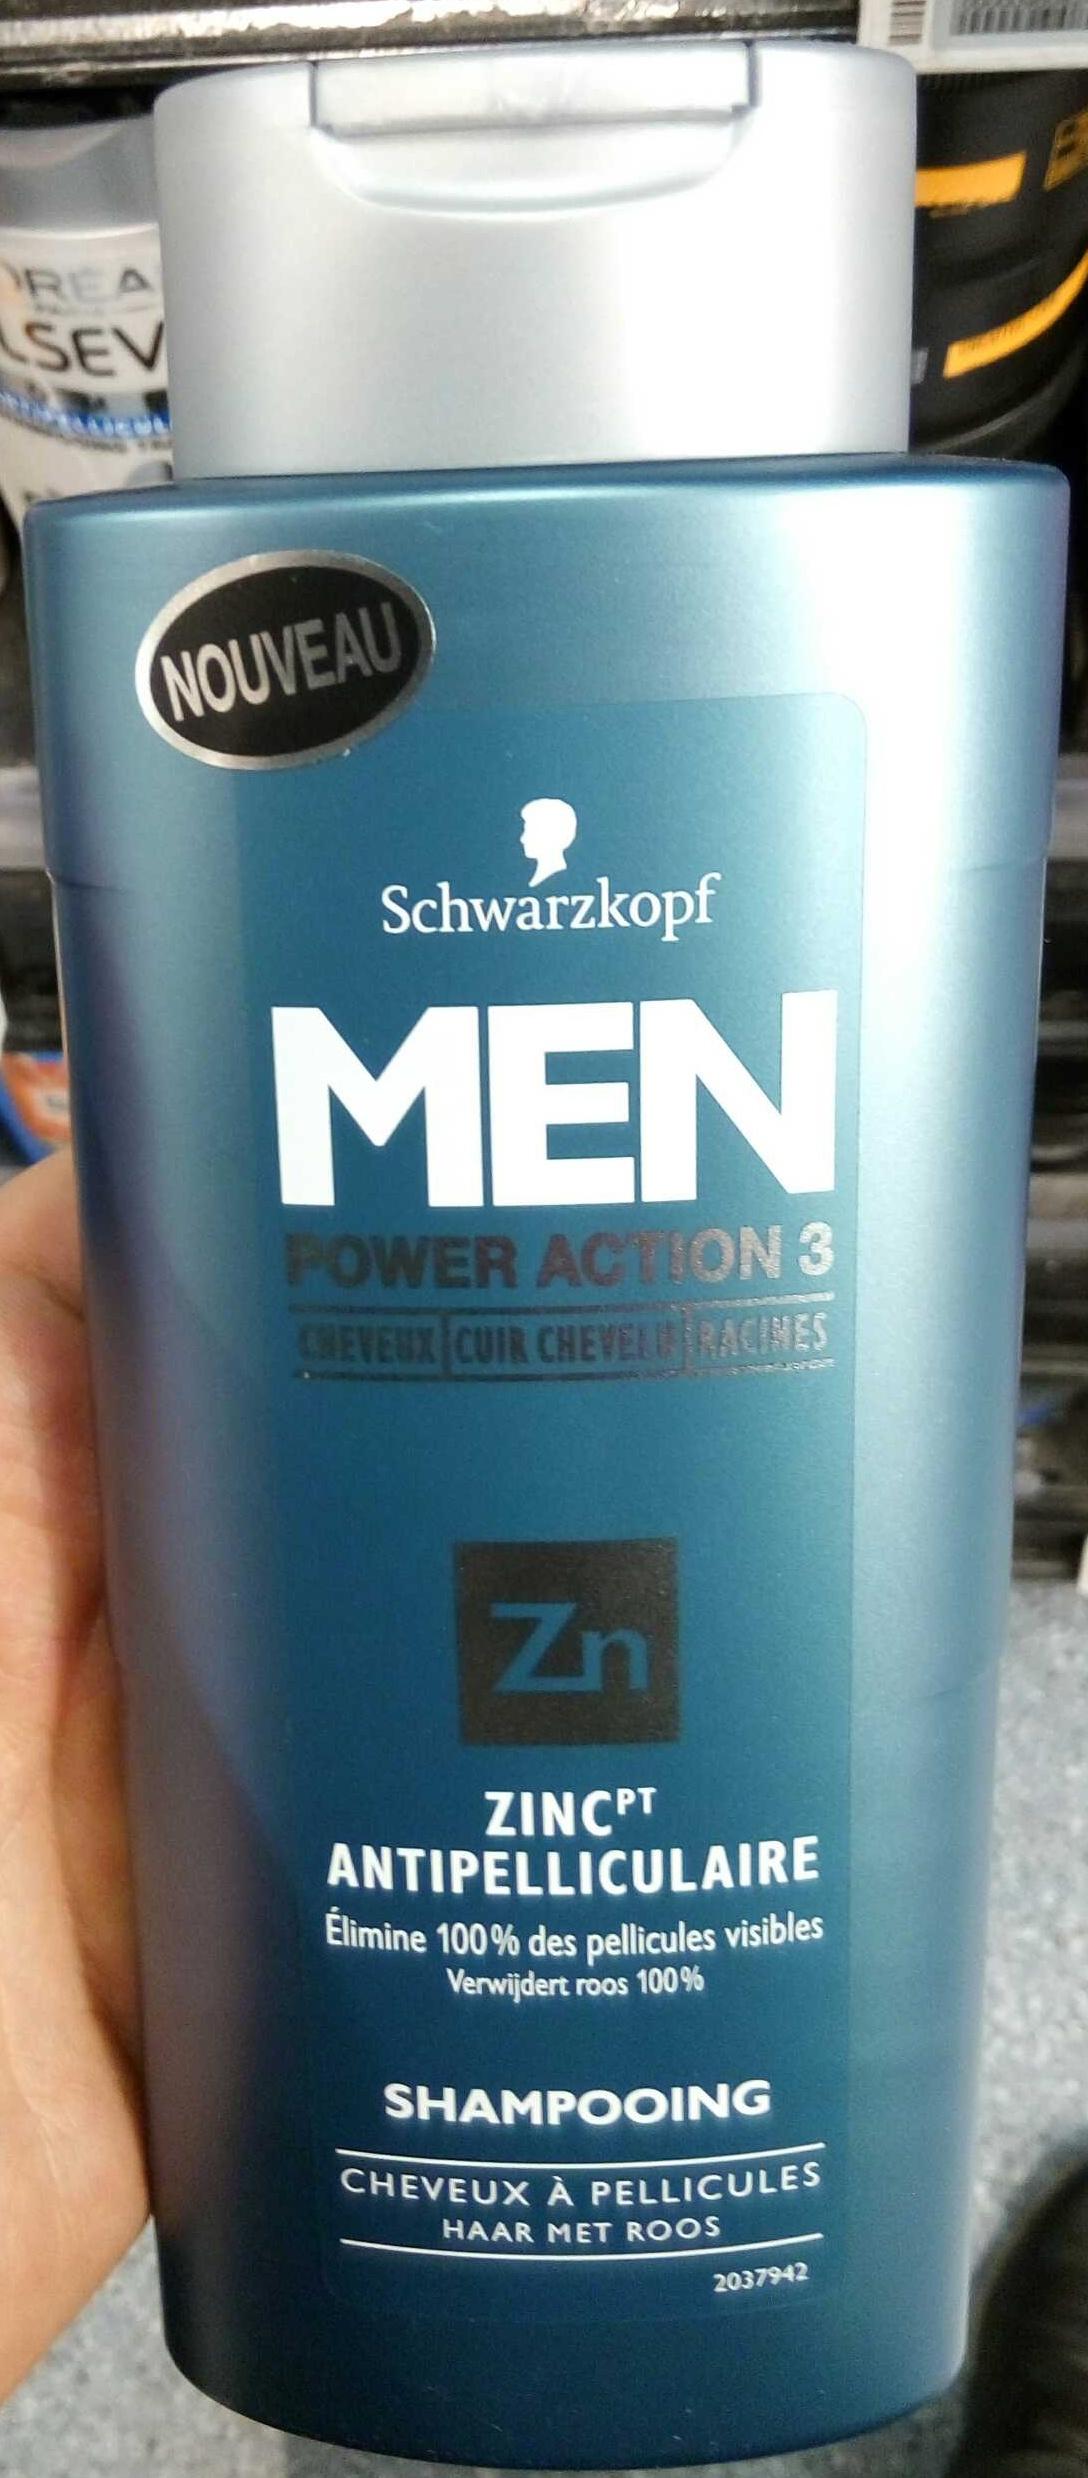 Men Power Action 3 Zinc Antipelliculaire - Produit - fr